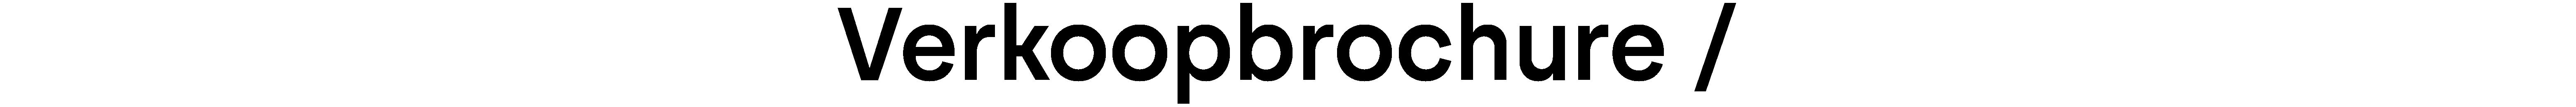 f5bf9ea0-3f9d-11eb-9cc2-a72e69d54ed0.png